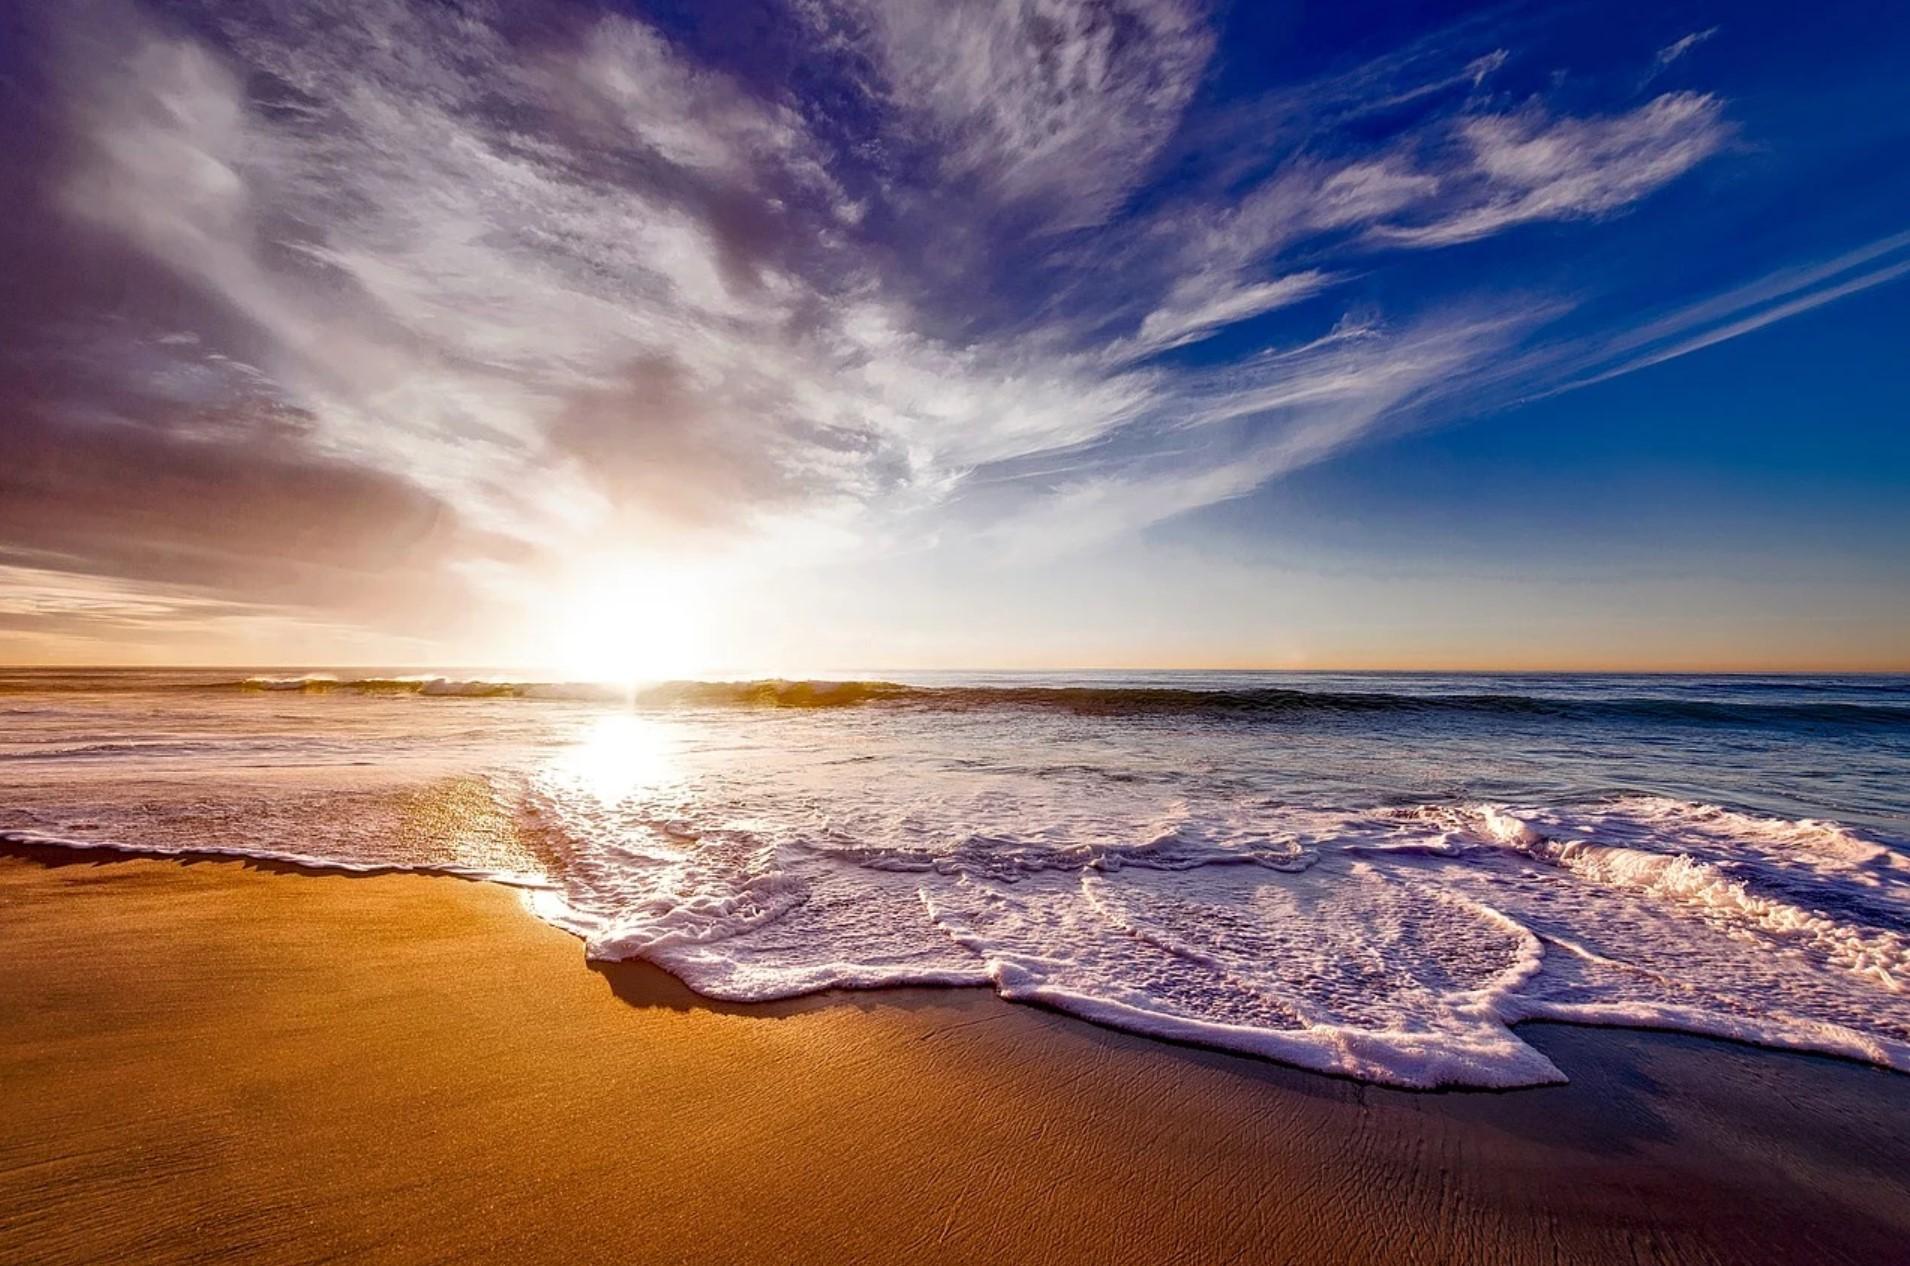 海 夢 泳ぐ 占い 【夢占い】泳ぐ夢!海、川、お風呂、裸で泳ぐ、などの意味を診断